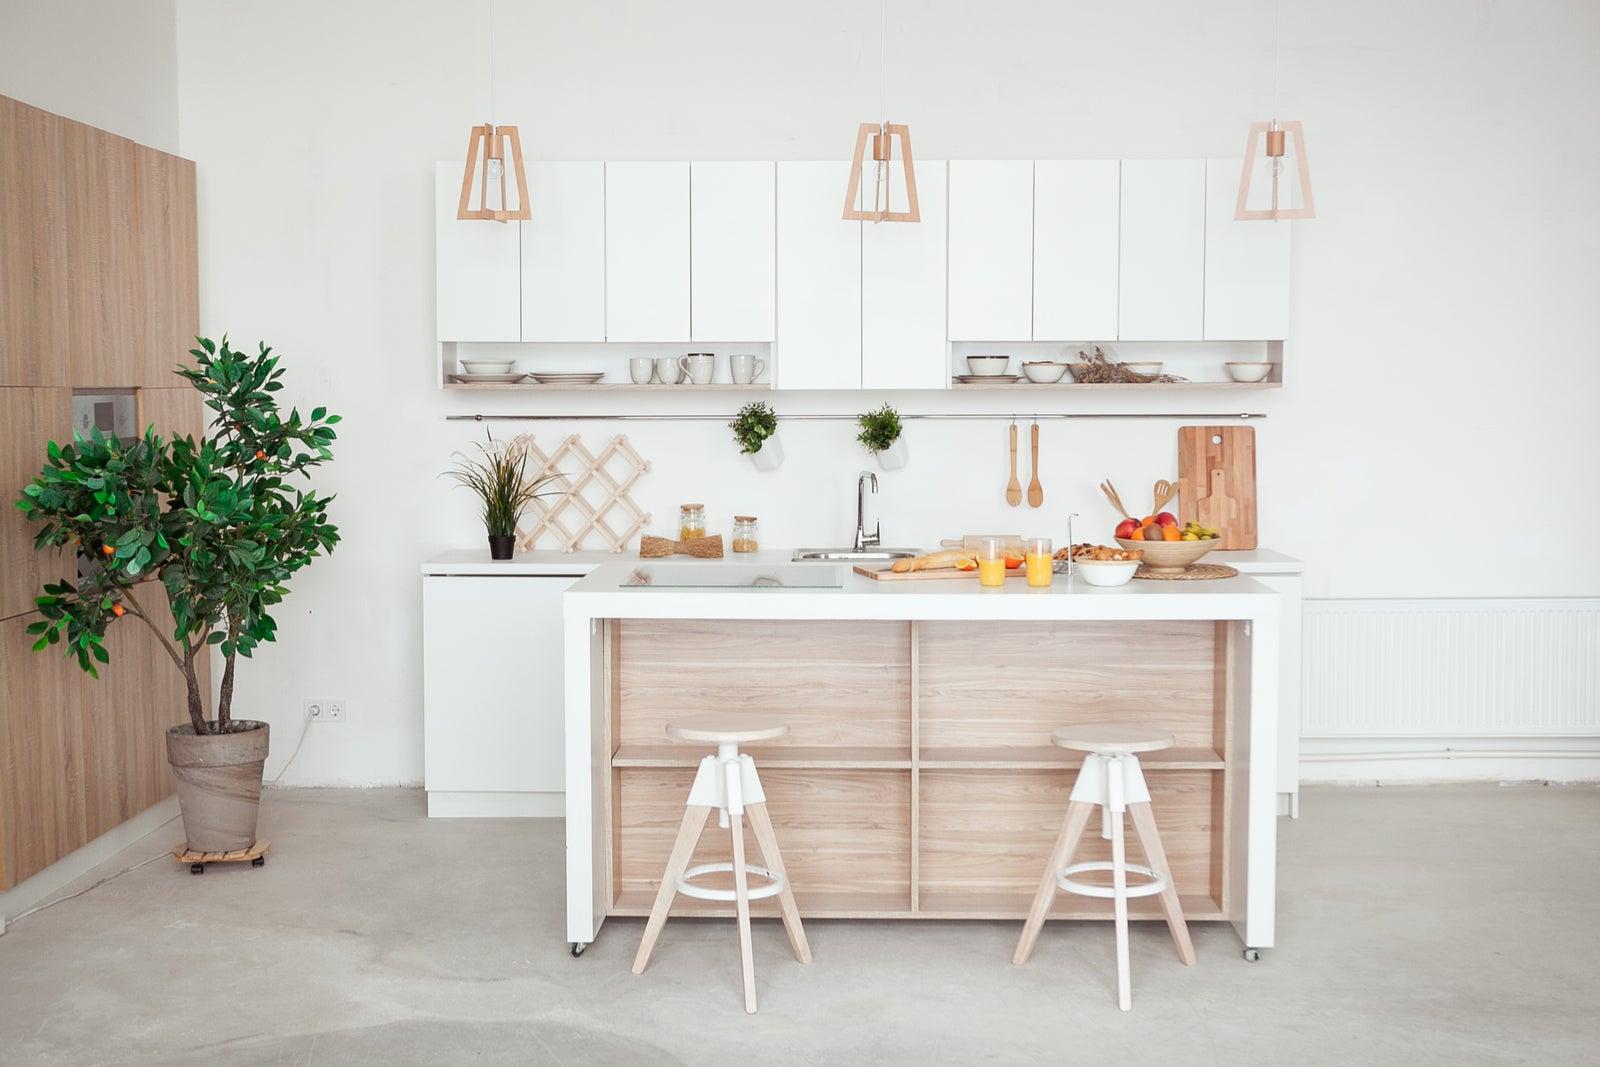 4 ideas de cocinas en pisos pequeños